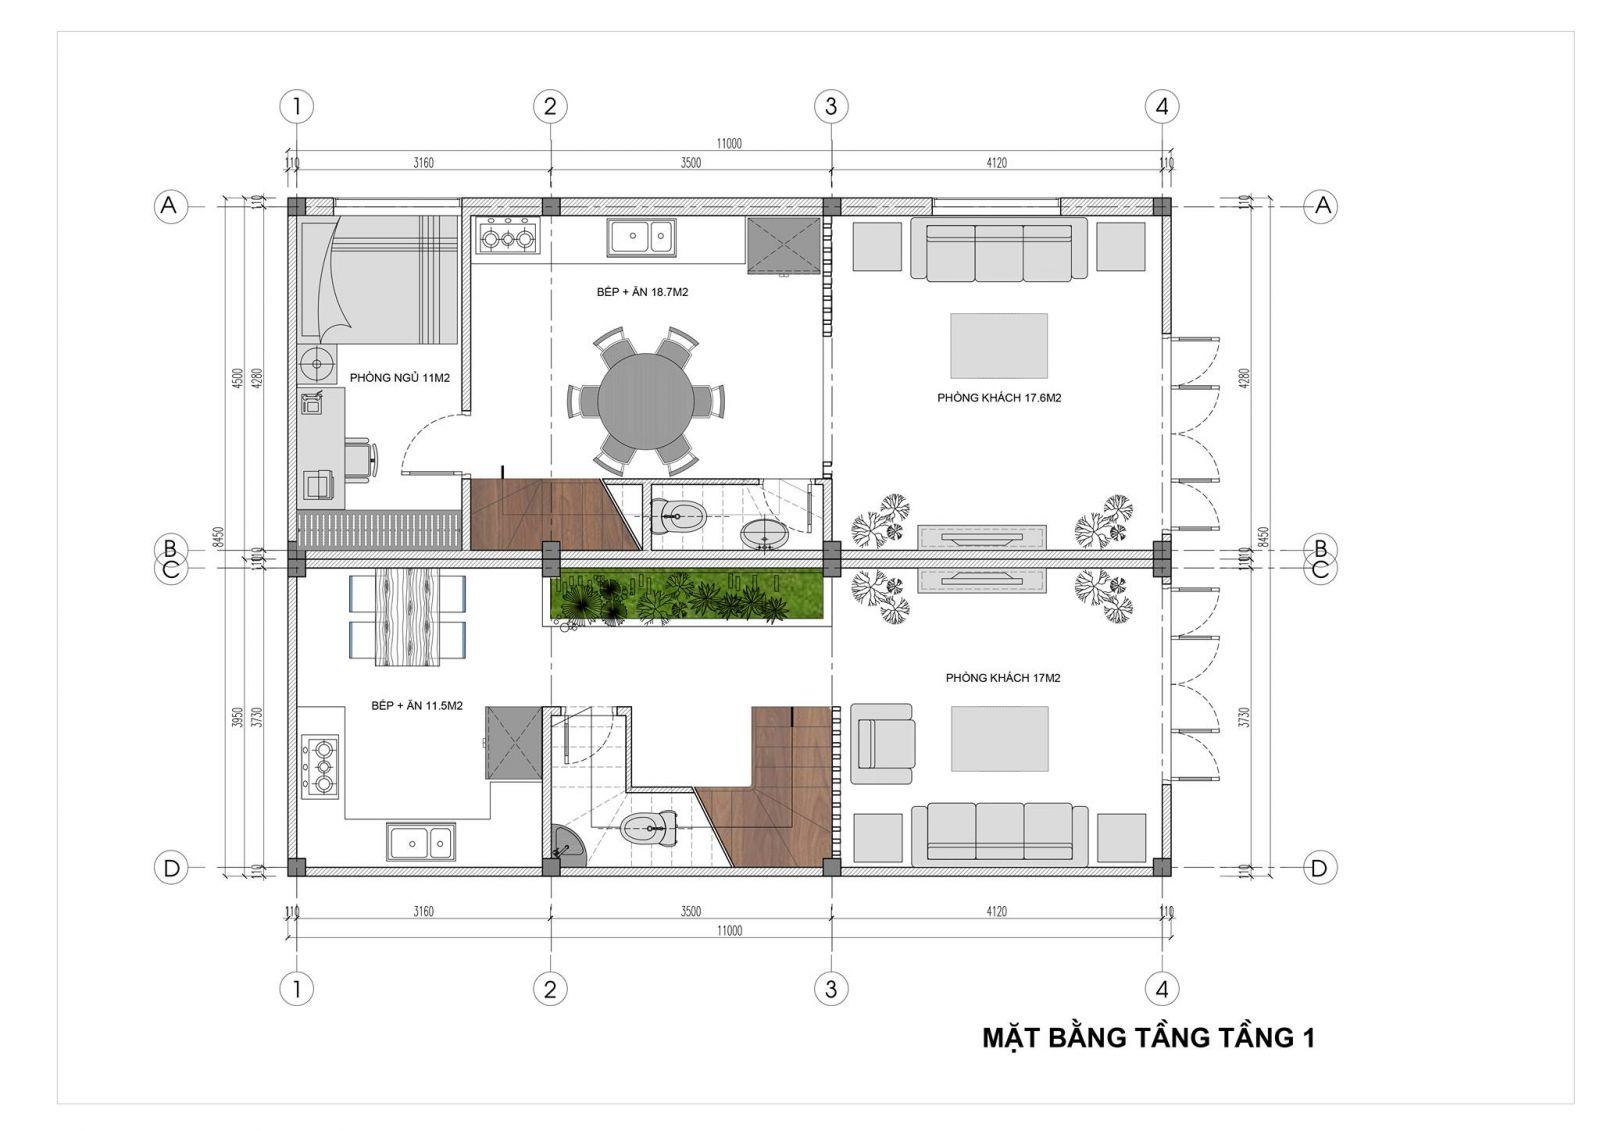 Mặt bằng tầng 1 mẫu nhà phố đẹp 2.5 tầng